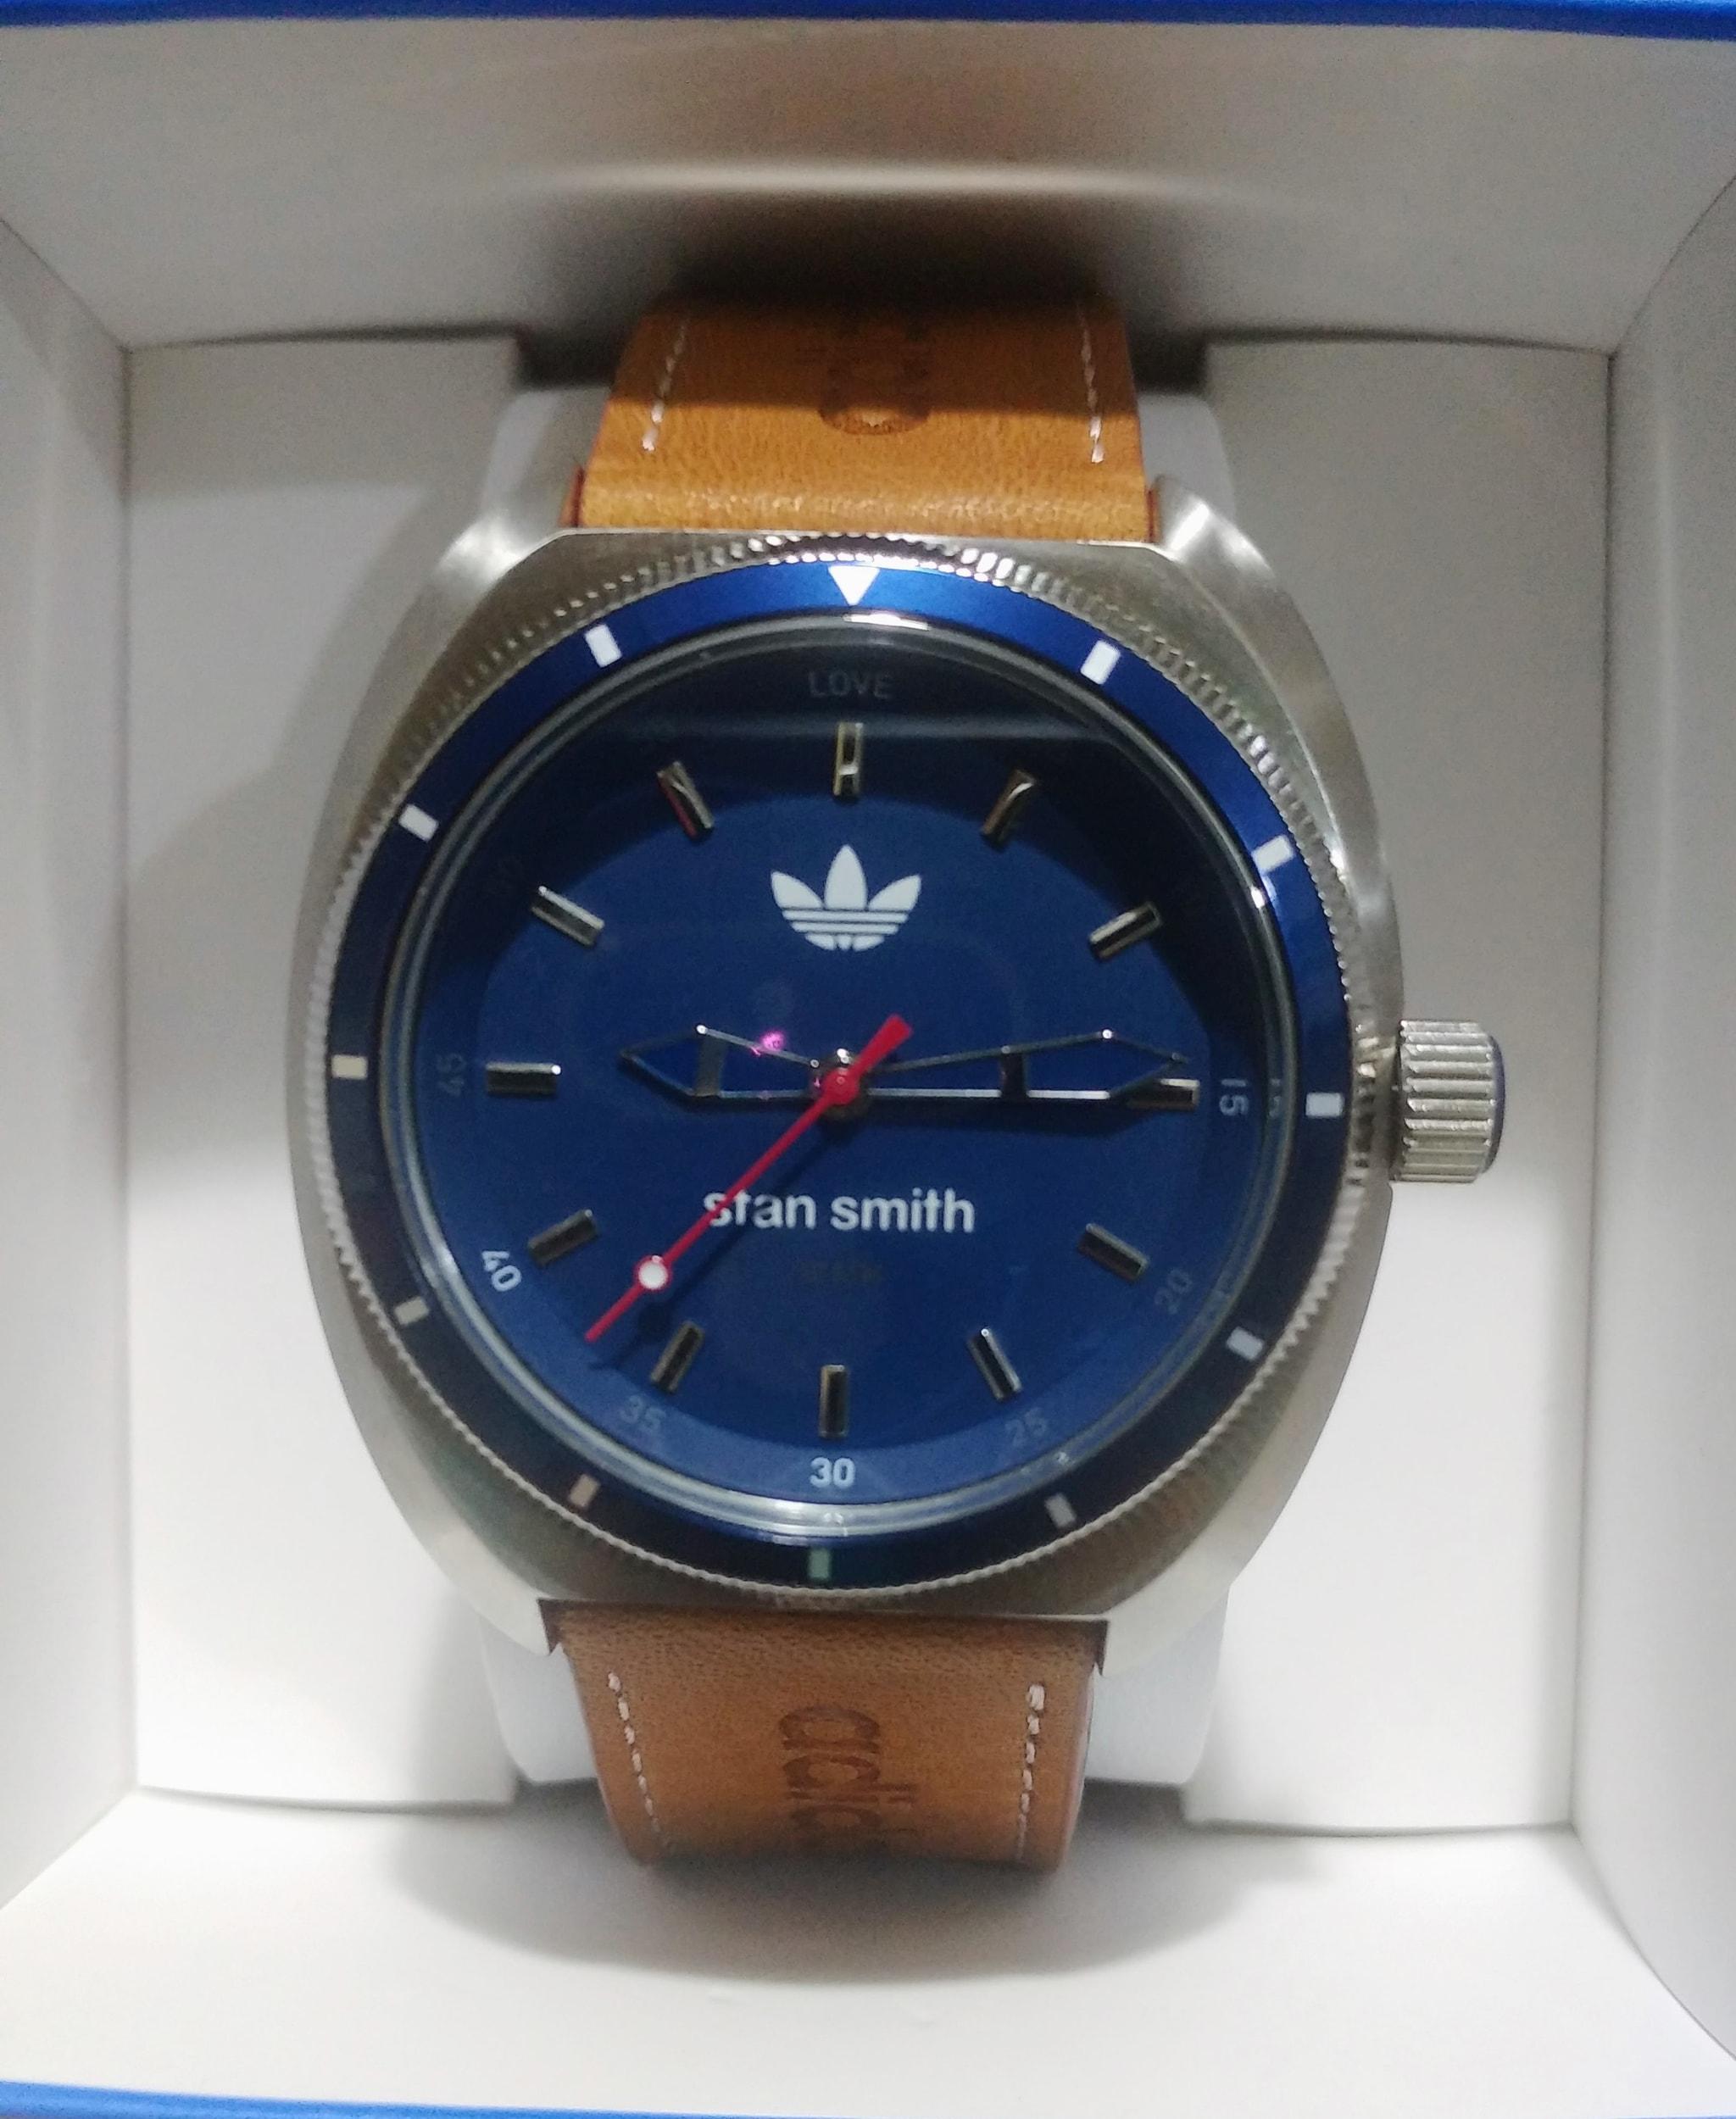 Adidas Adh3006 Jam Tangan Pria Harga Terkini Dan Terlengkap Adh9072 Untuk Www Tokojamoriginal Com Source Daftar